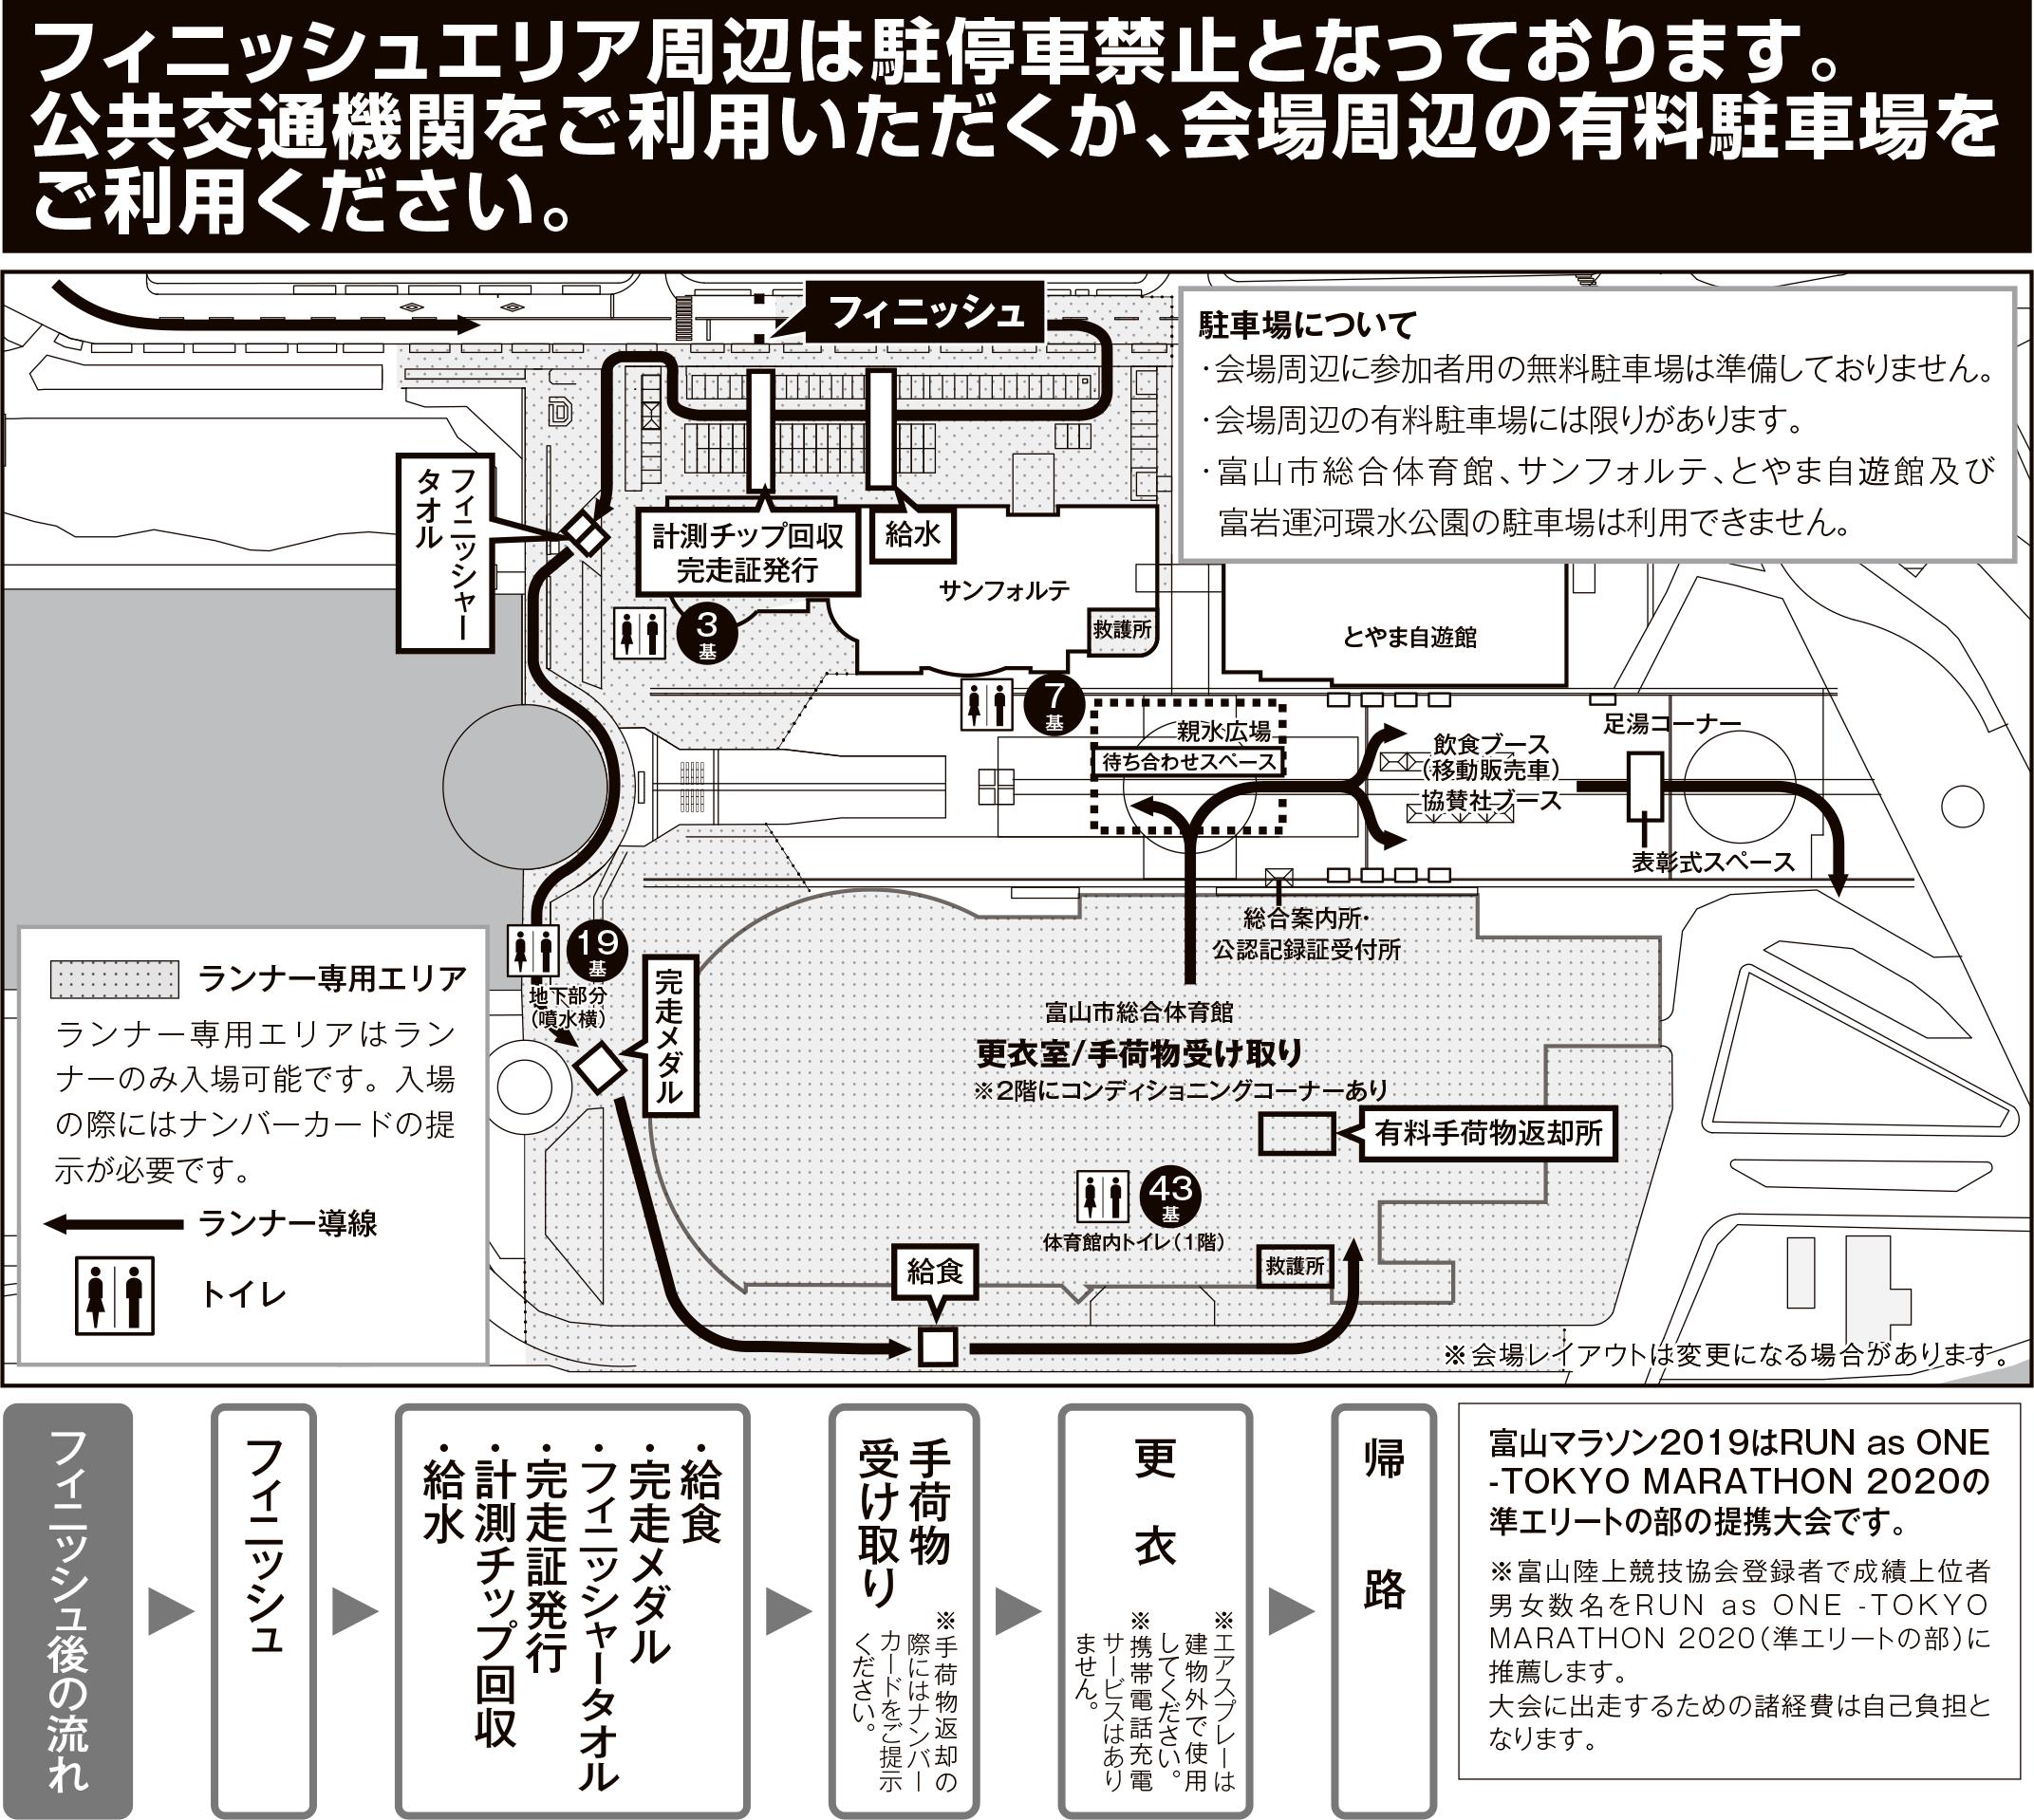 富山マラソン2019のゴール地点マップ(富山環水公園)